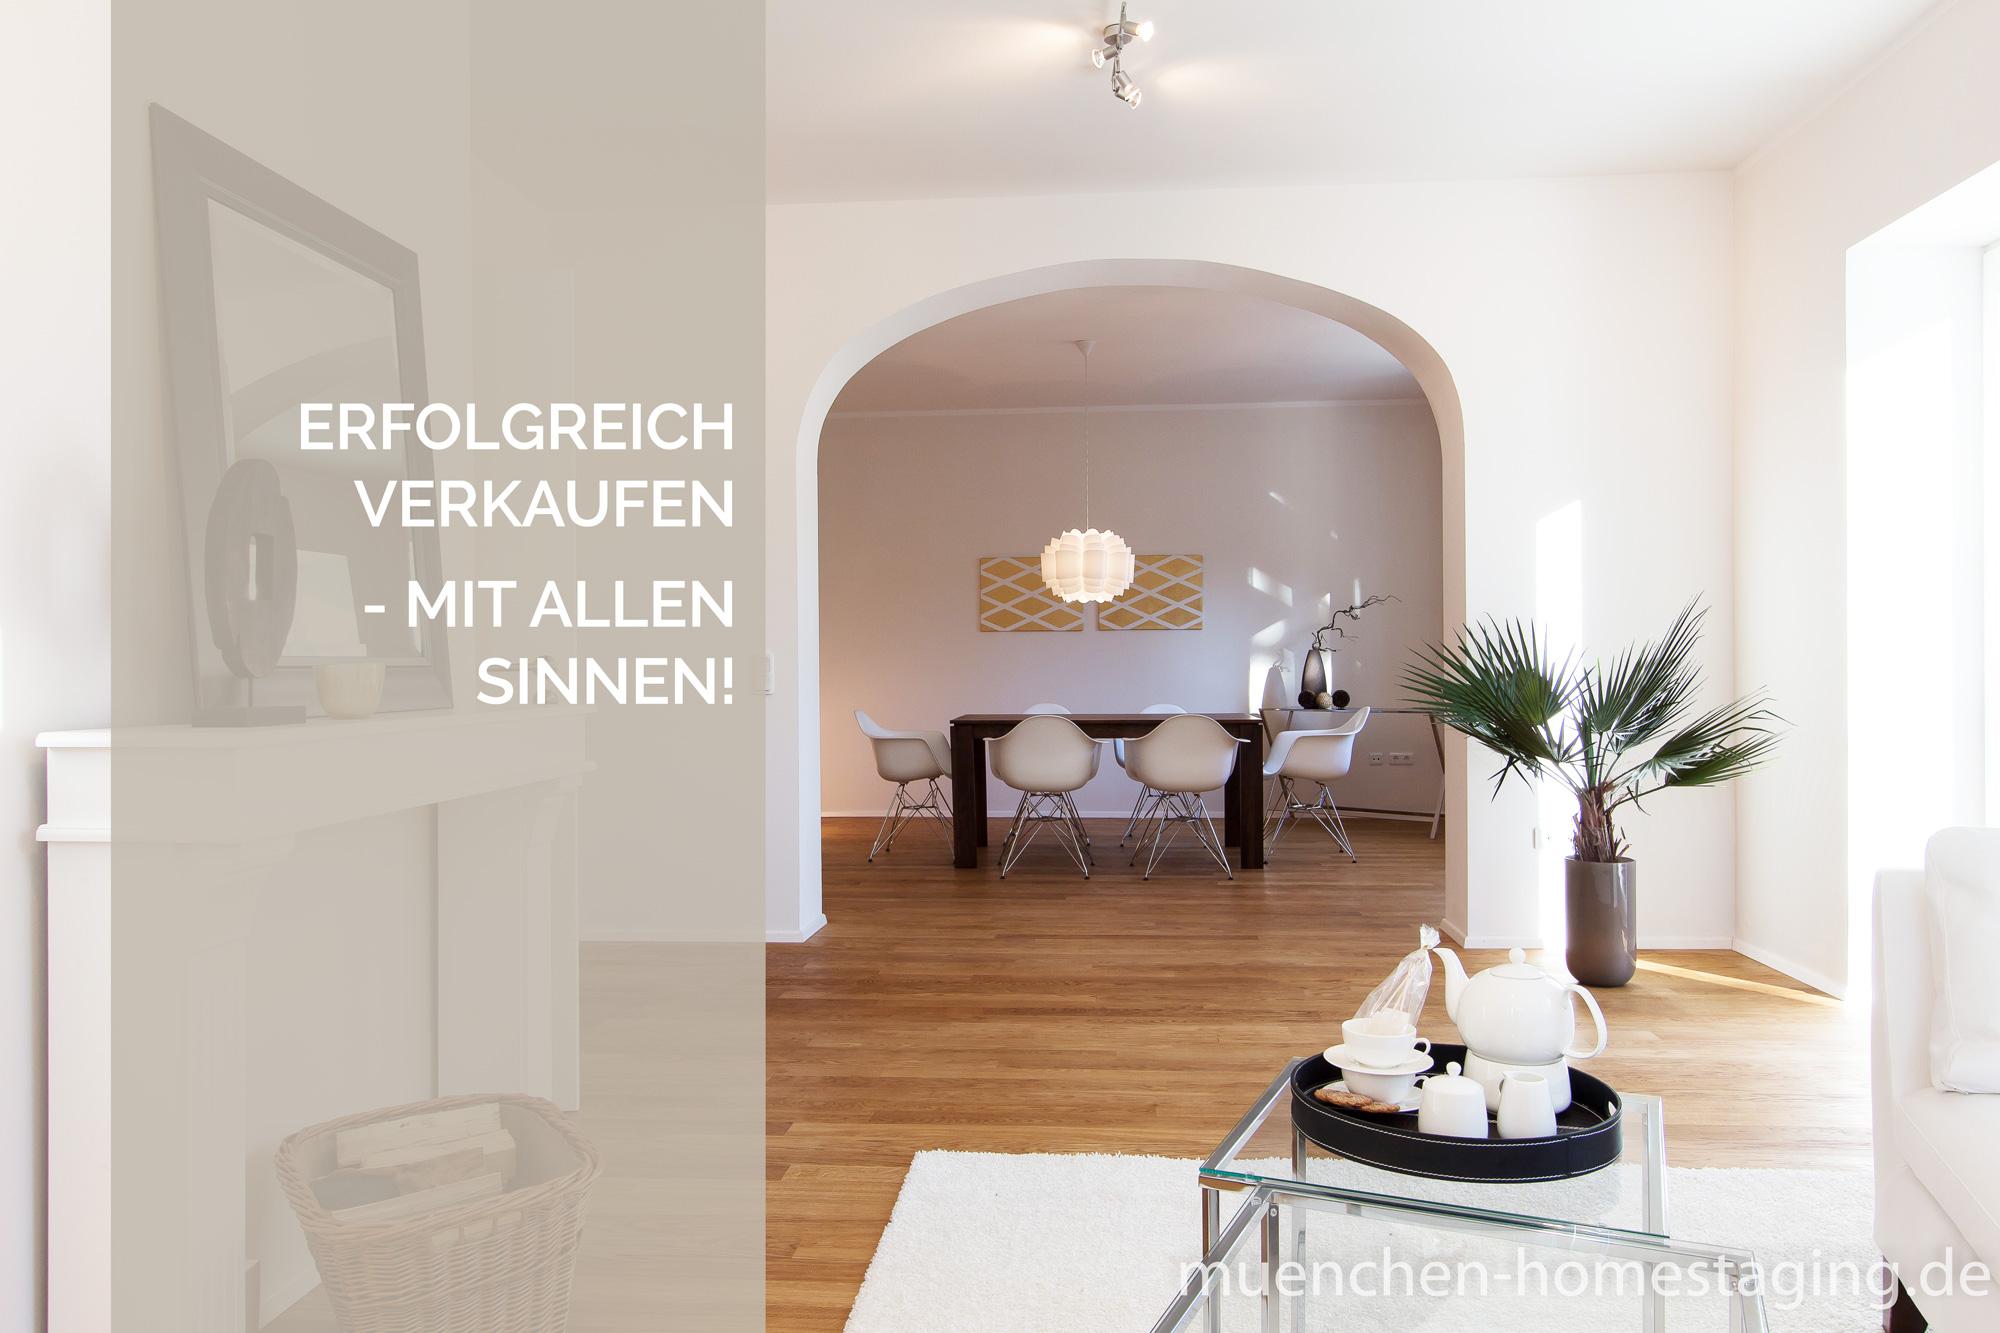 Münchner Home Staging Agentur – Erfolgreich verkaufen mit allen Sinnen